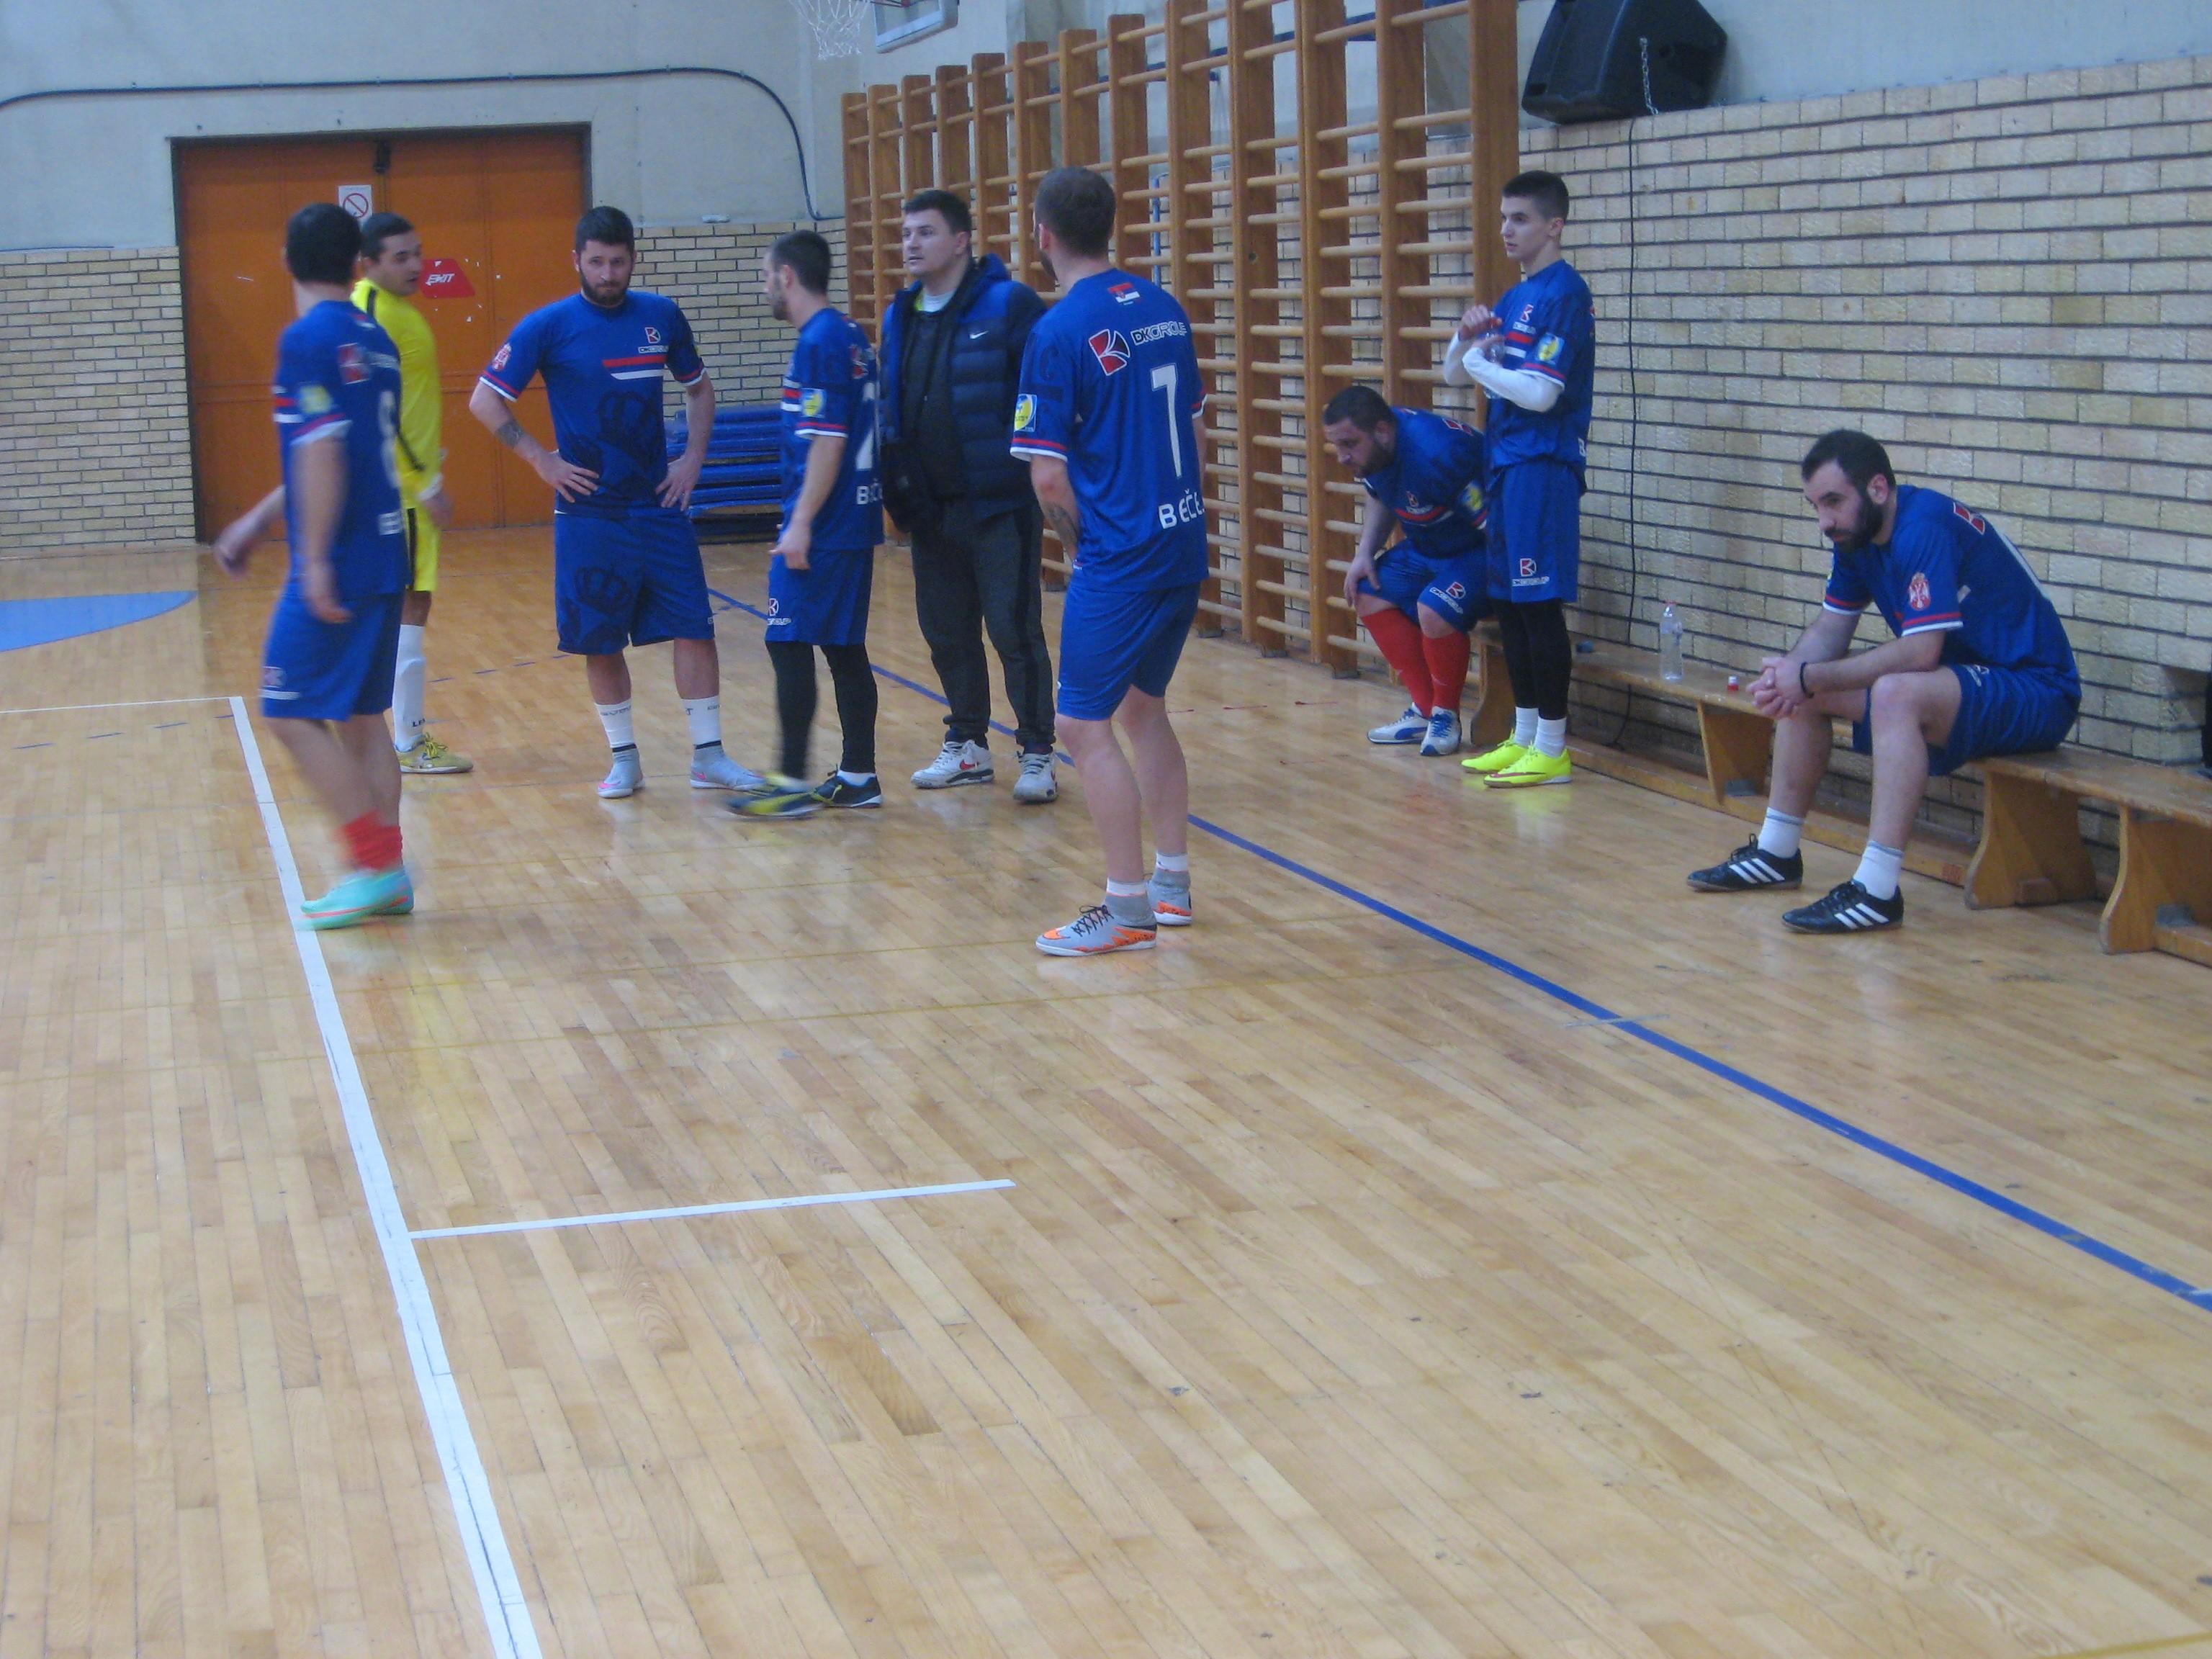 Ekipa DK group je tek u poslednjoj utakmici izborila pravo daljeg takmičenja | Foto: Vlastimir Jankov